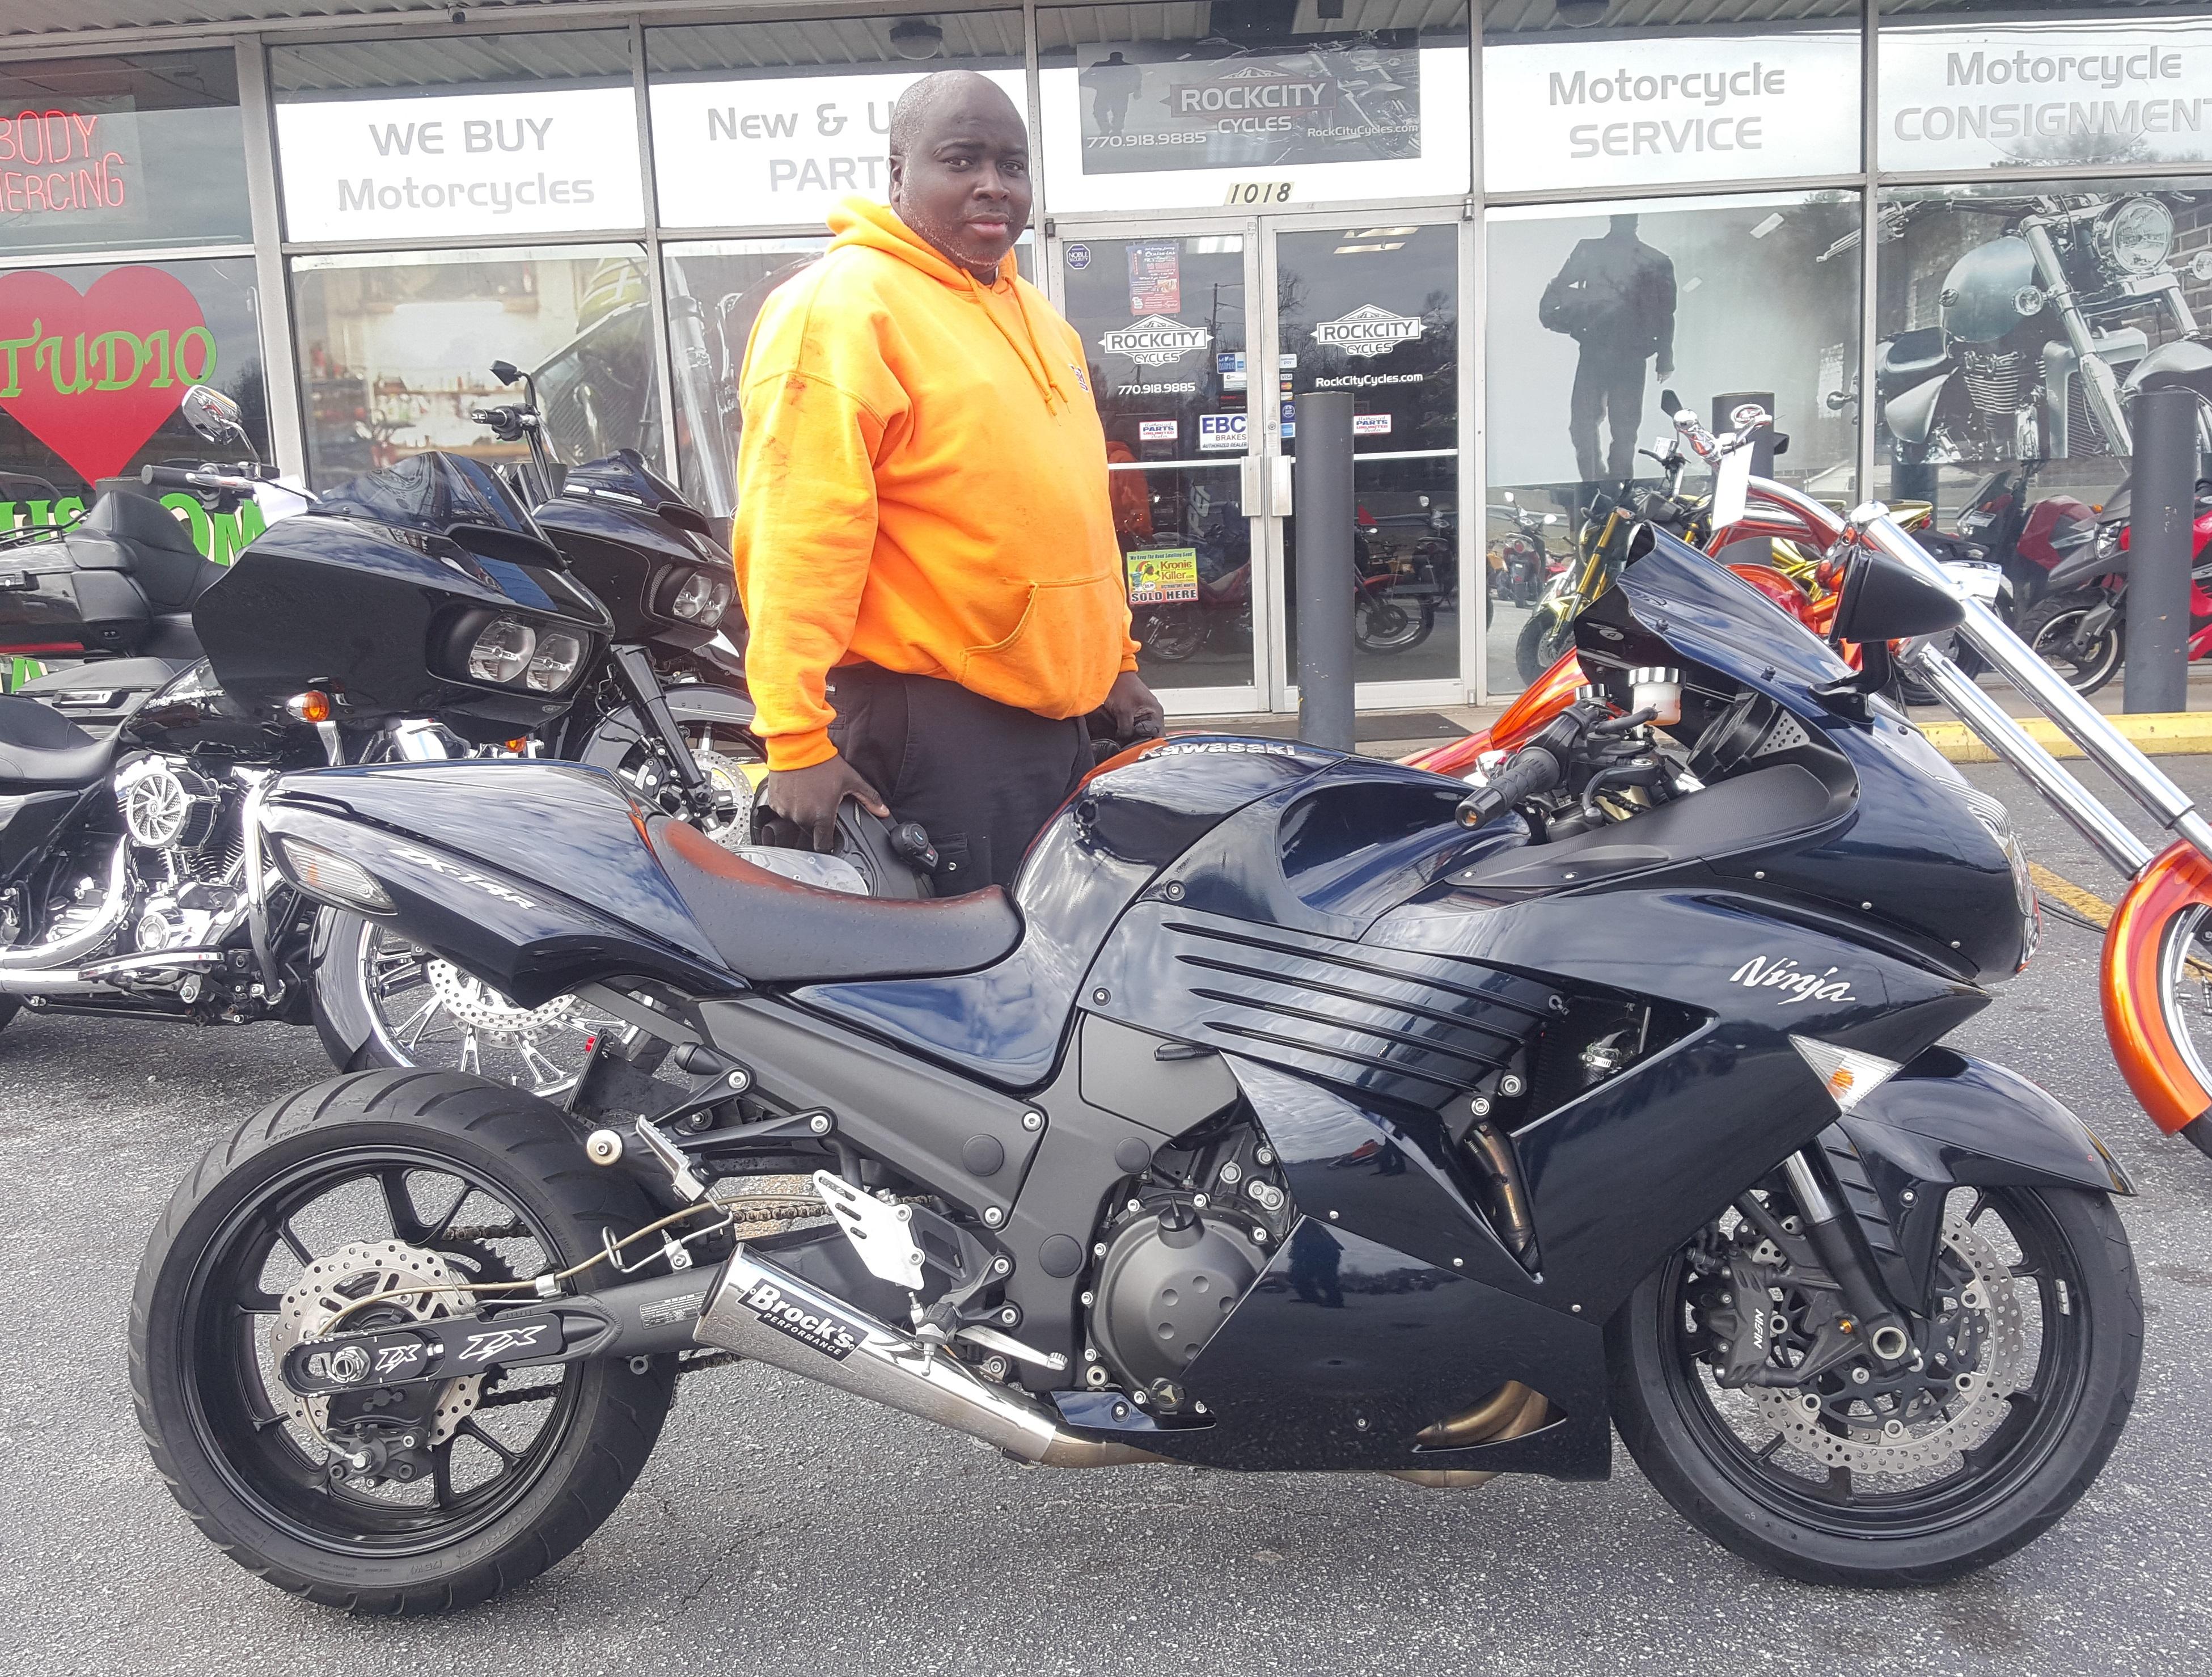 Felton D. with his 2009 Kawasaki Ninja ZX14R